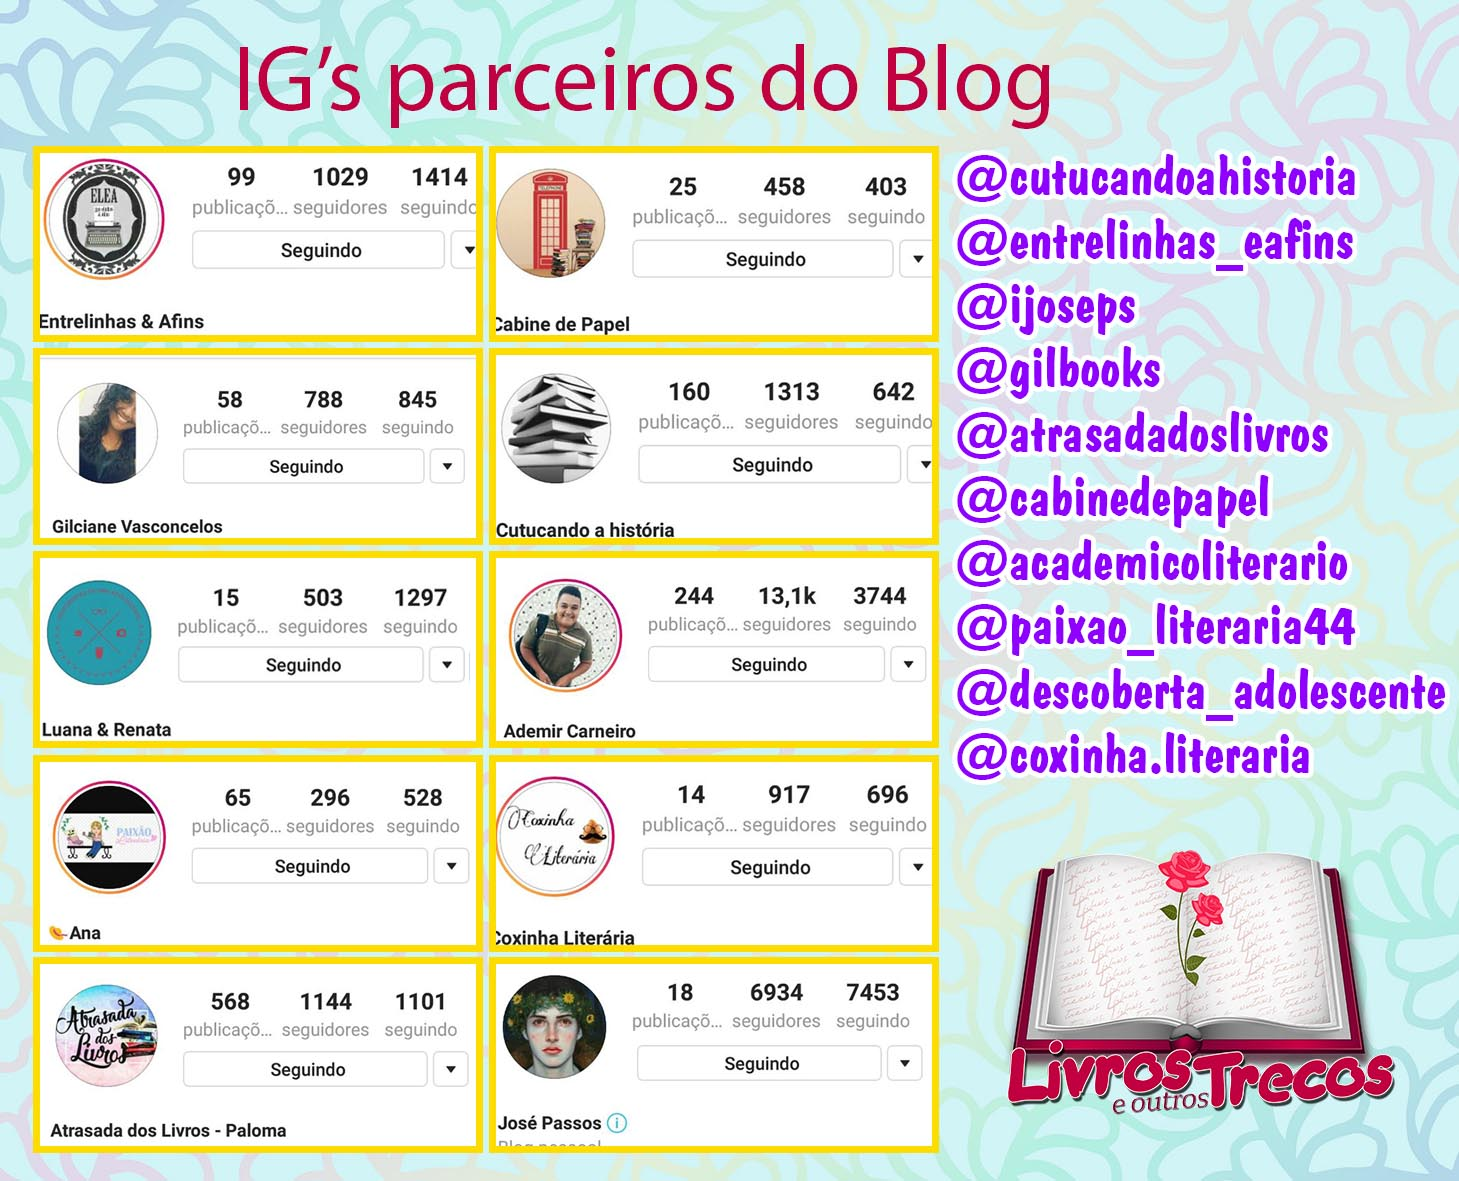 IG's parceiros do Blog ♥